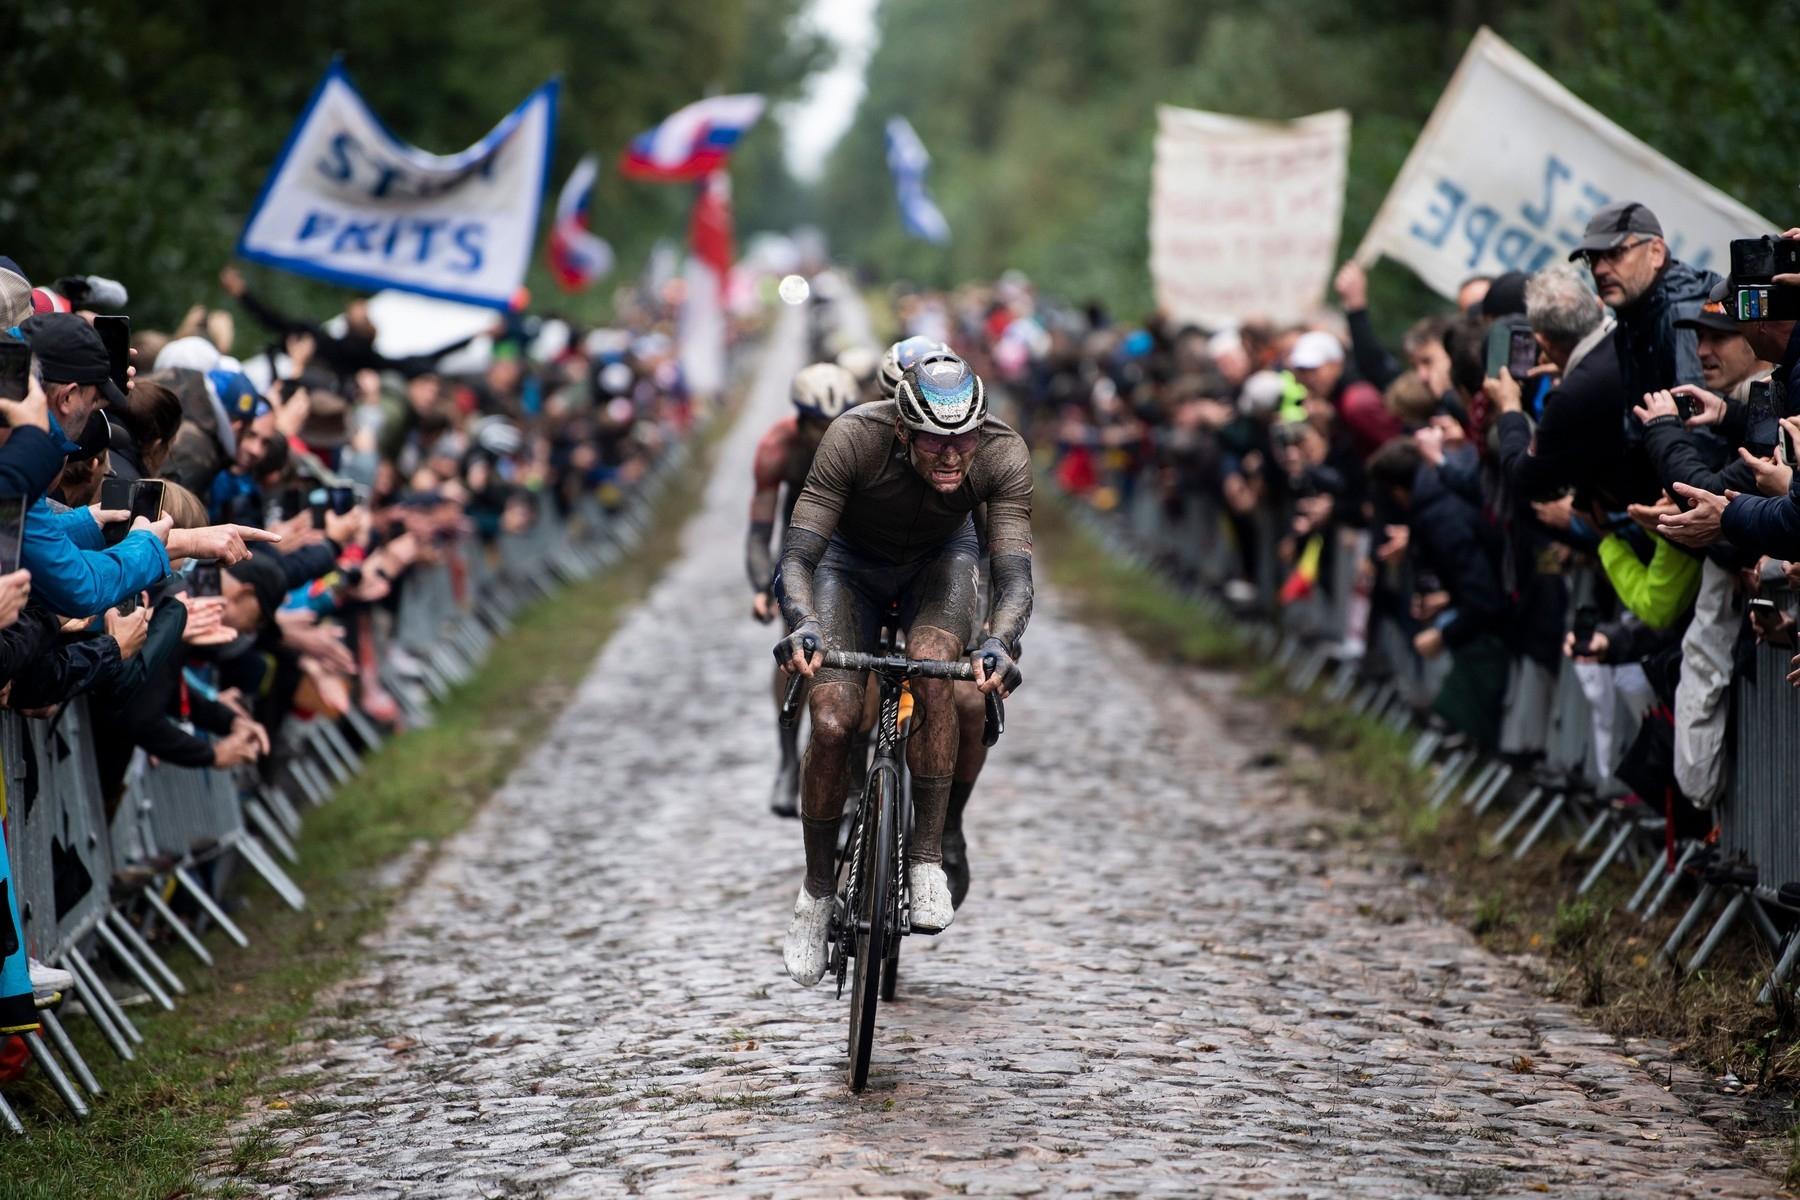 Mathieu van der Poel táhne skupinu na jednom z kostkových sektorů při Paříž Roubaix 2021.